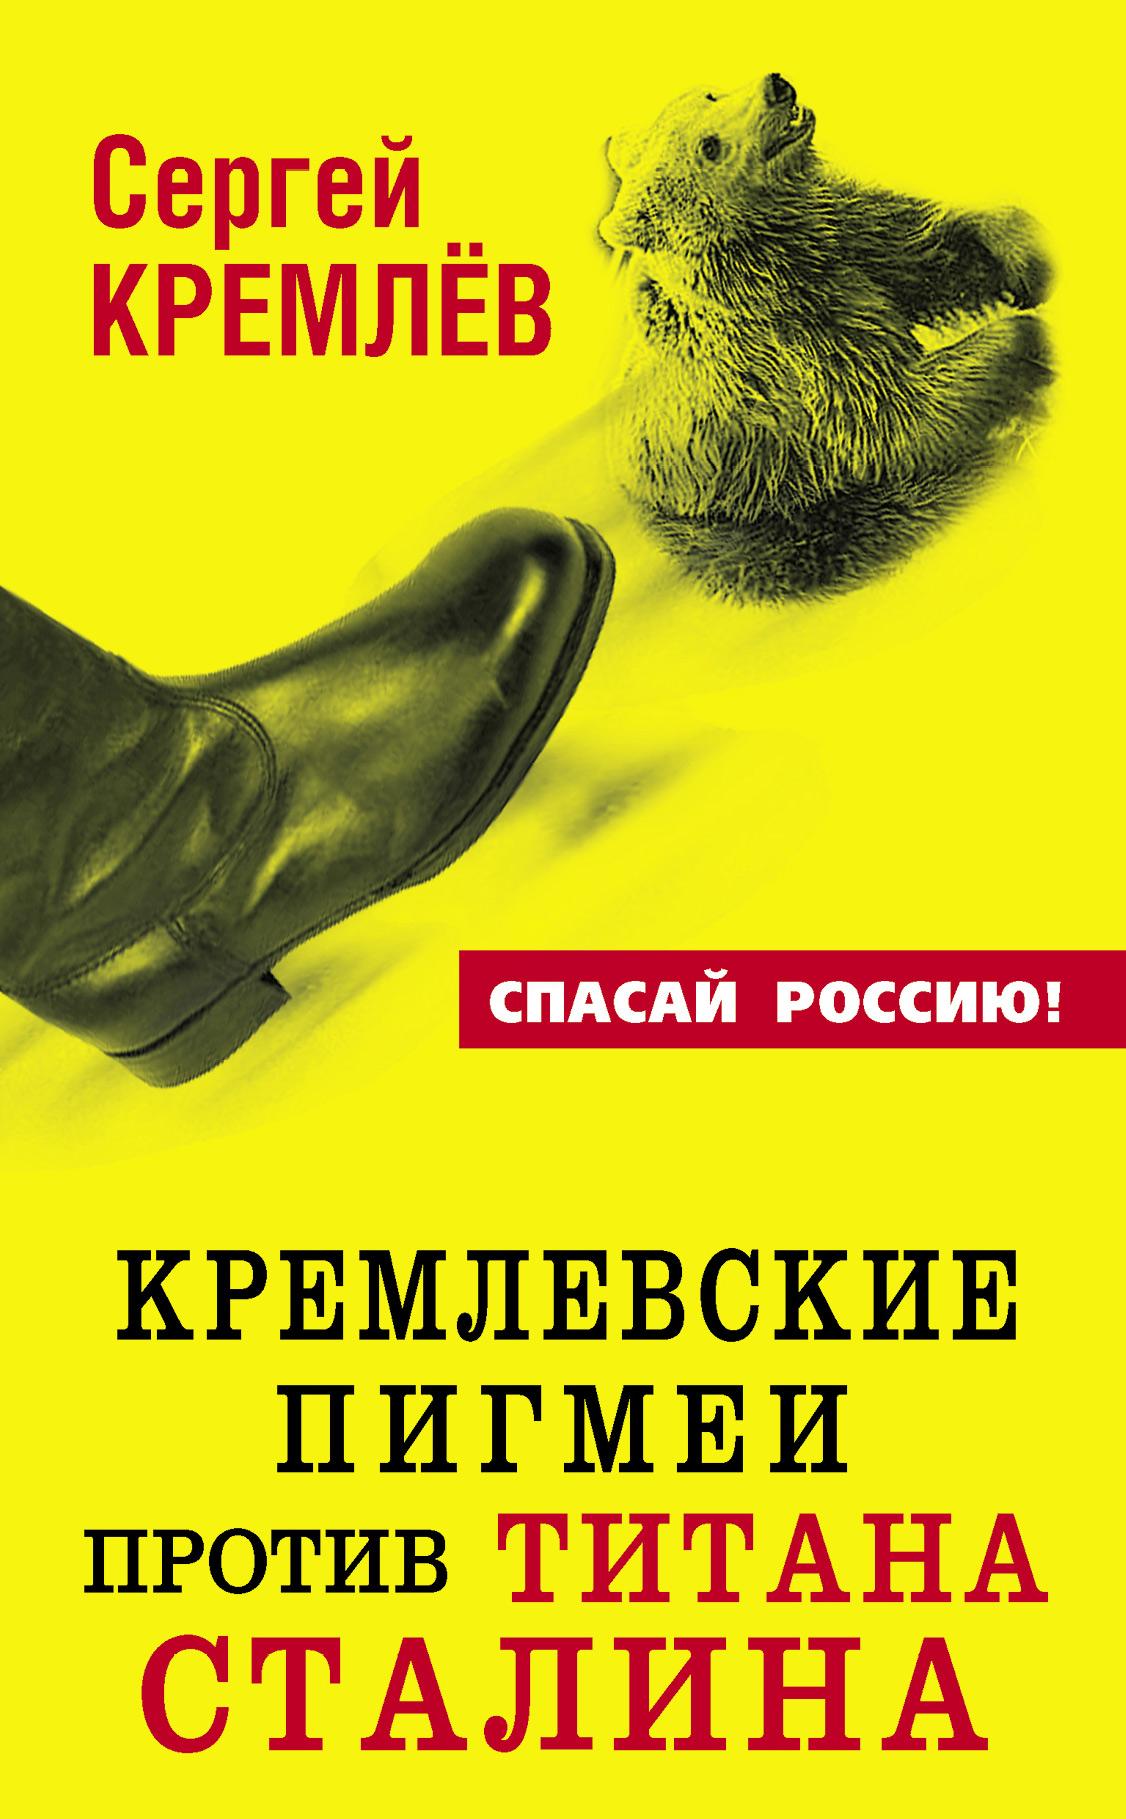 kremlevskie pigmei protiv titana stalina ili rossiya kotoruyu nado nayti